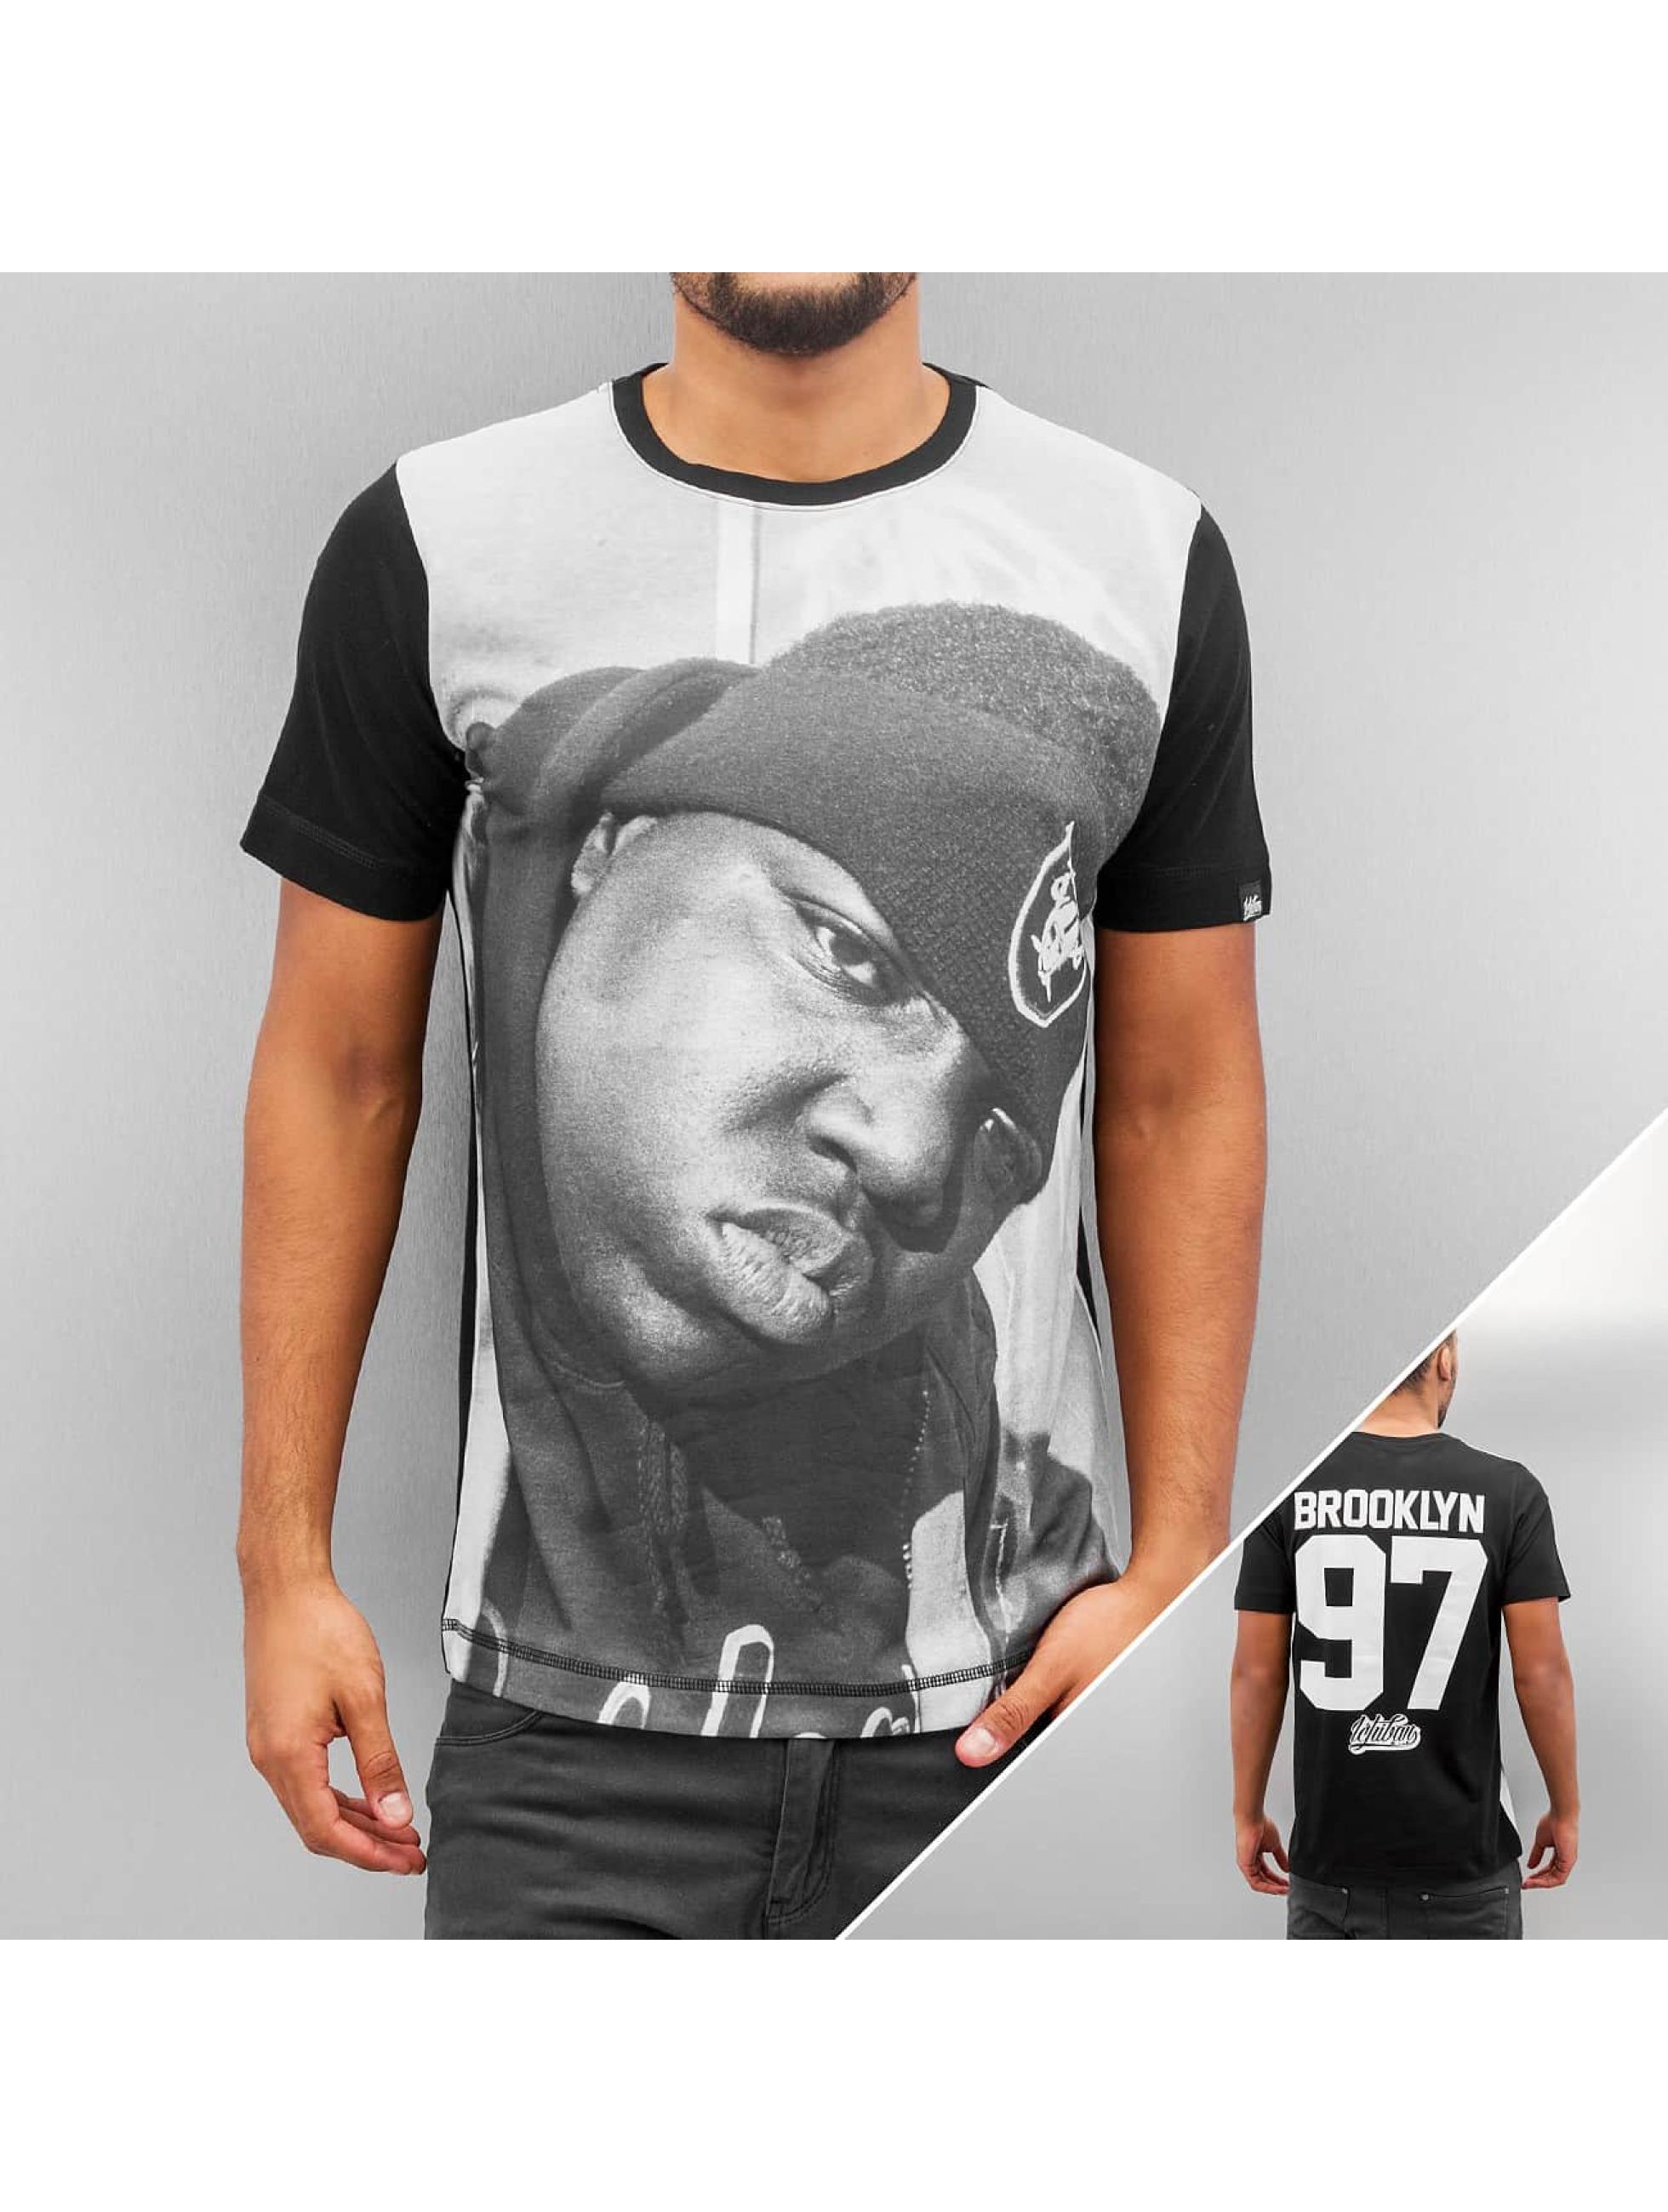 T-Shirt Brooklyn 97 in schwarz